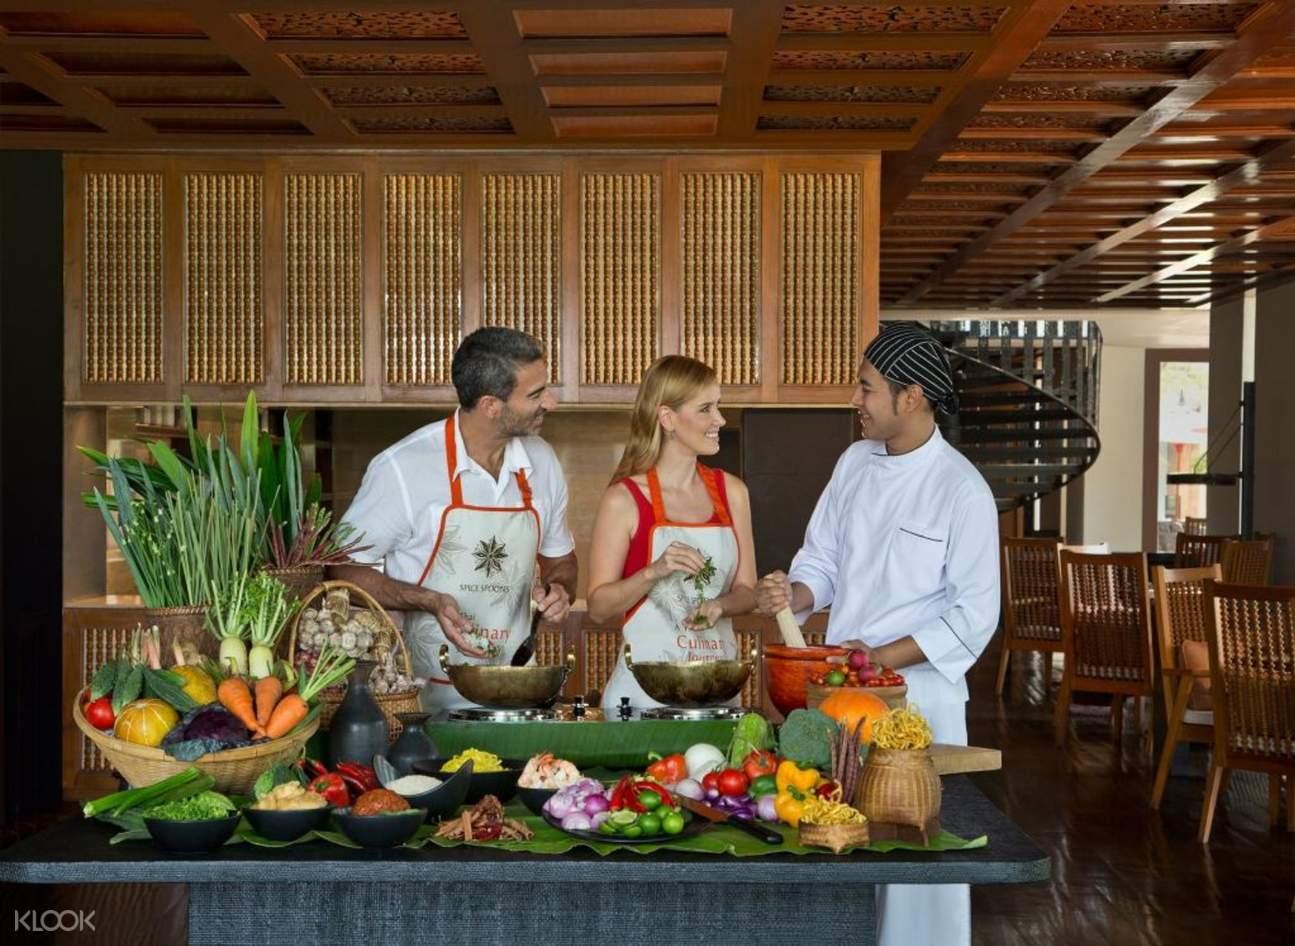 清迈安娜塔拉度假酒店烹饪体验课